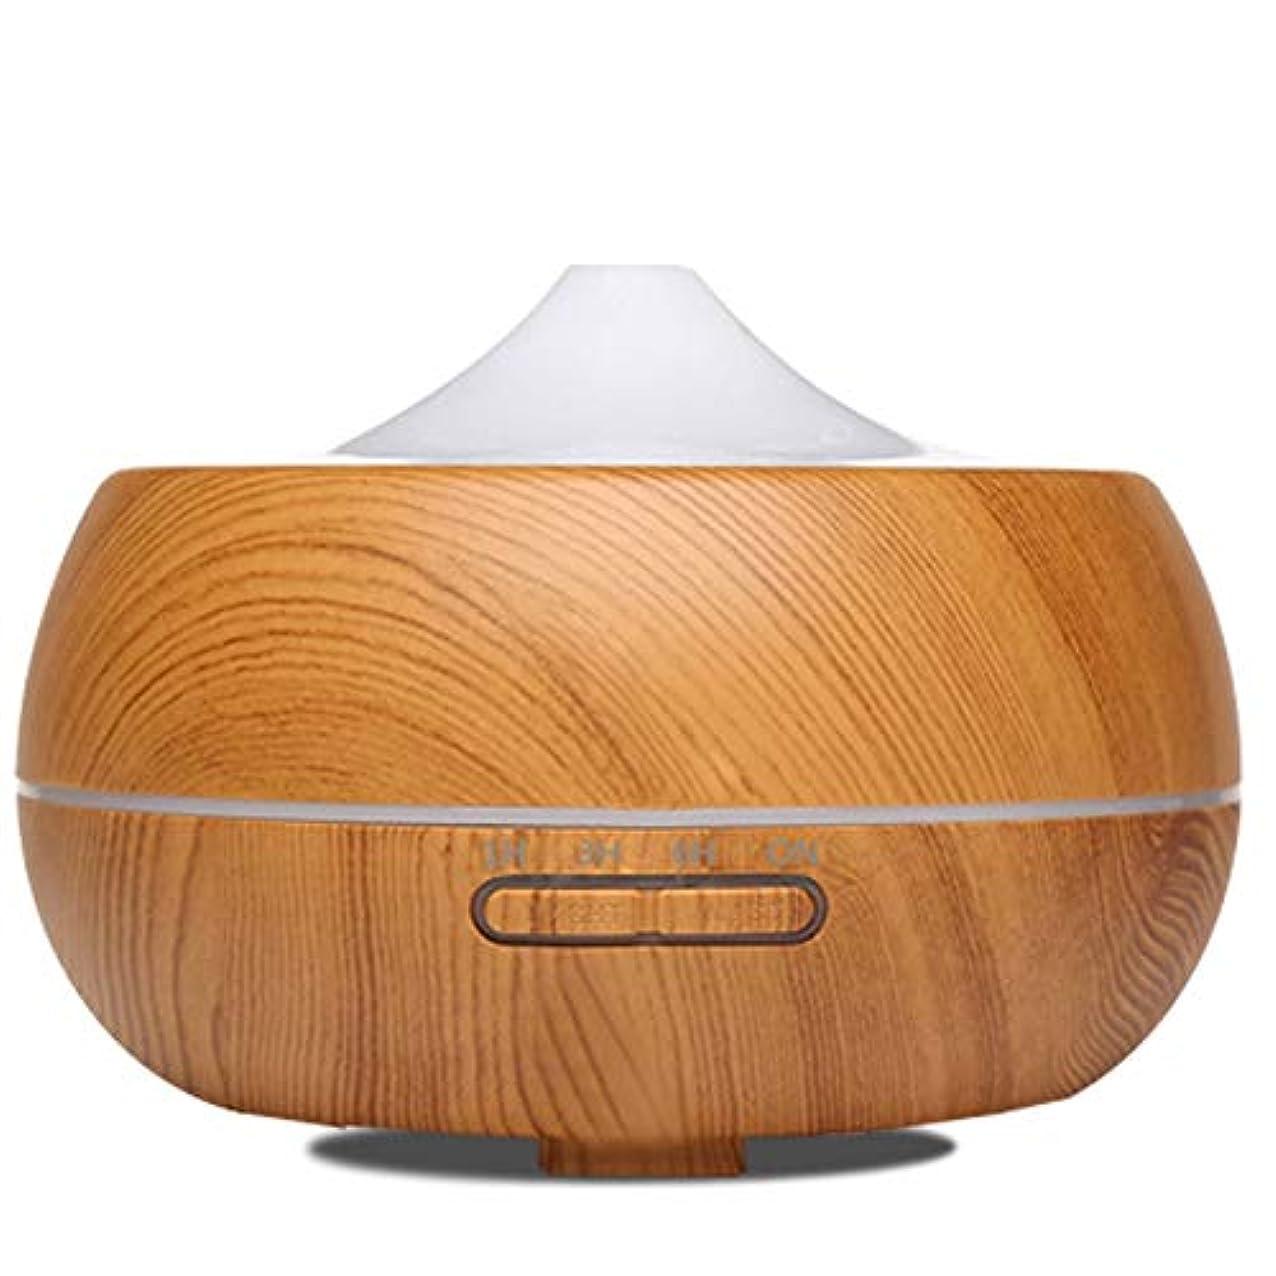 ビジネス閲覧する暖かく300 ml アロマテラピー エッセンシャル オイル ディフューザー, 超音波 涼しい霧 humidmifier アロマディフューザー タイマー付き 7色変換 夜のライト 空焚き防止機能搭載- 17x12cm